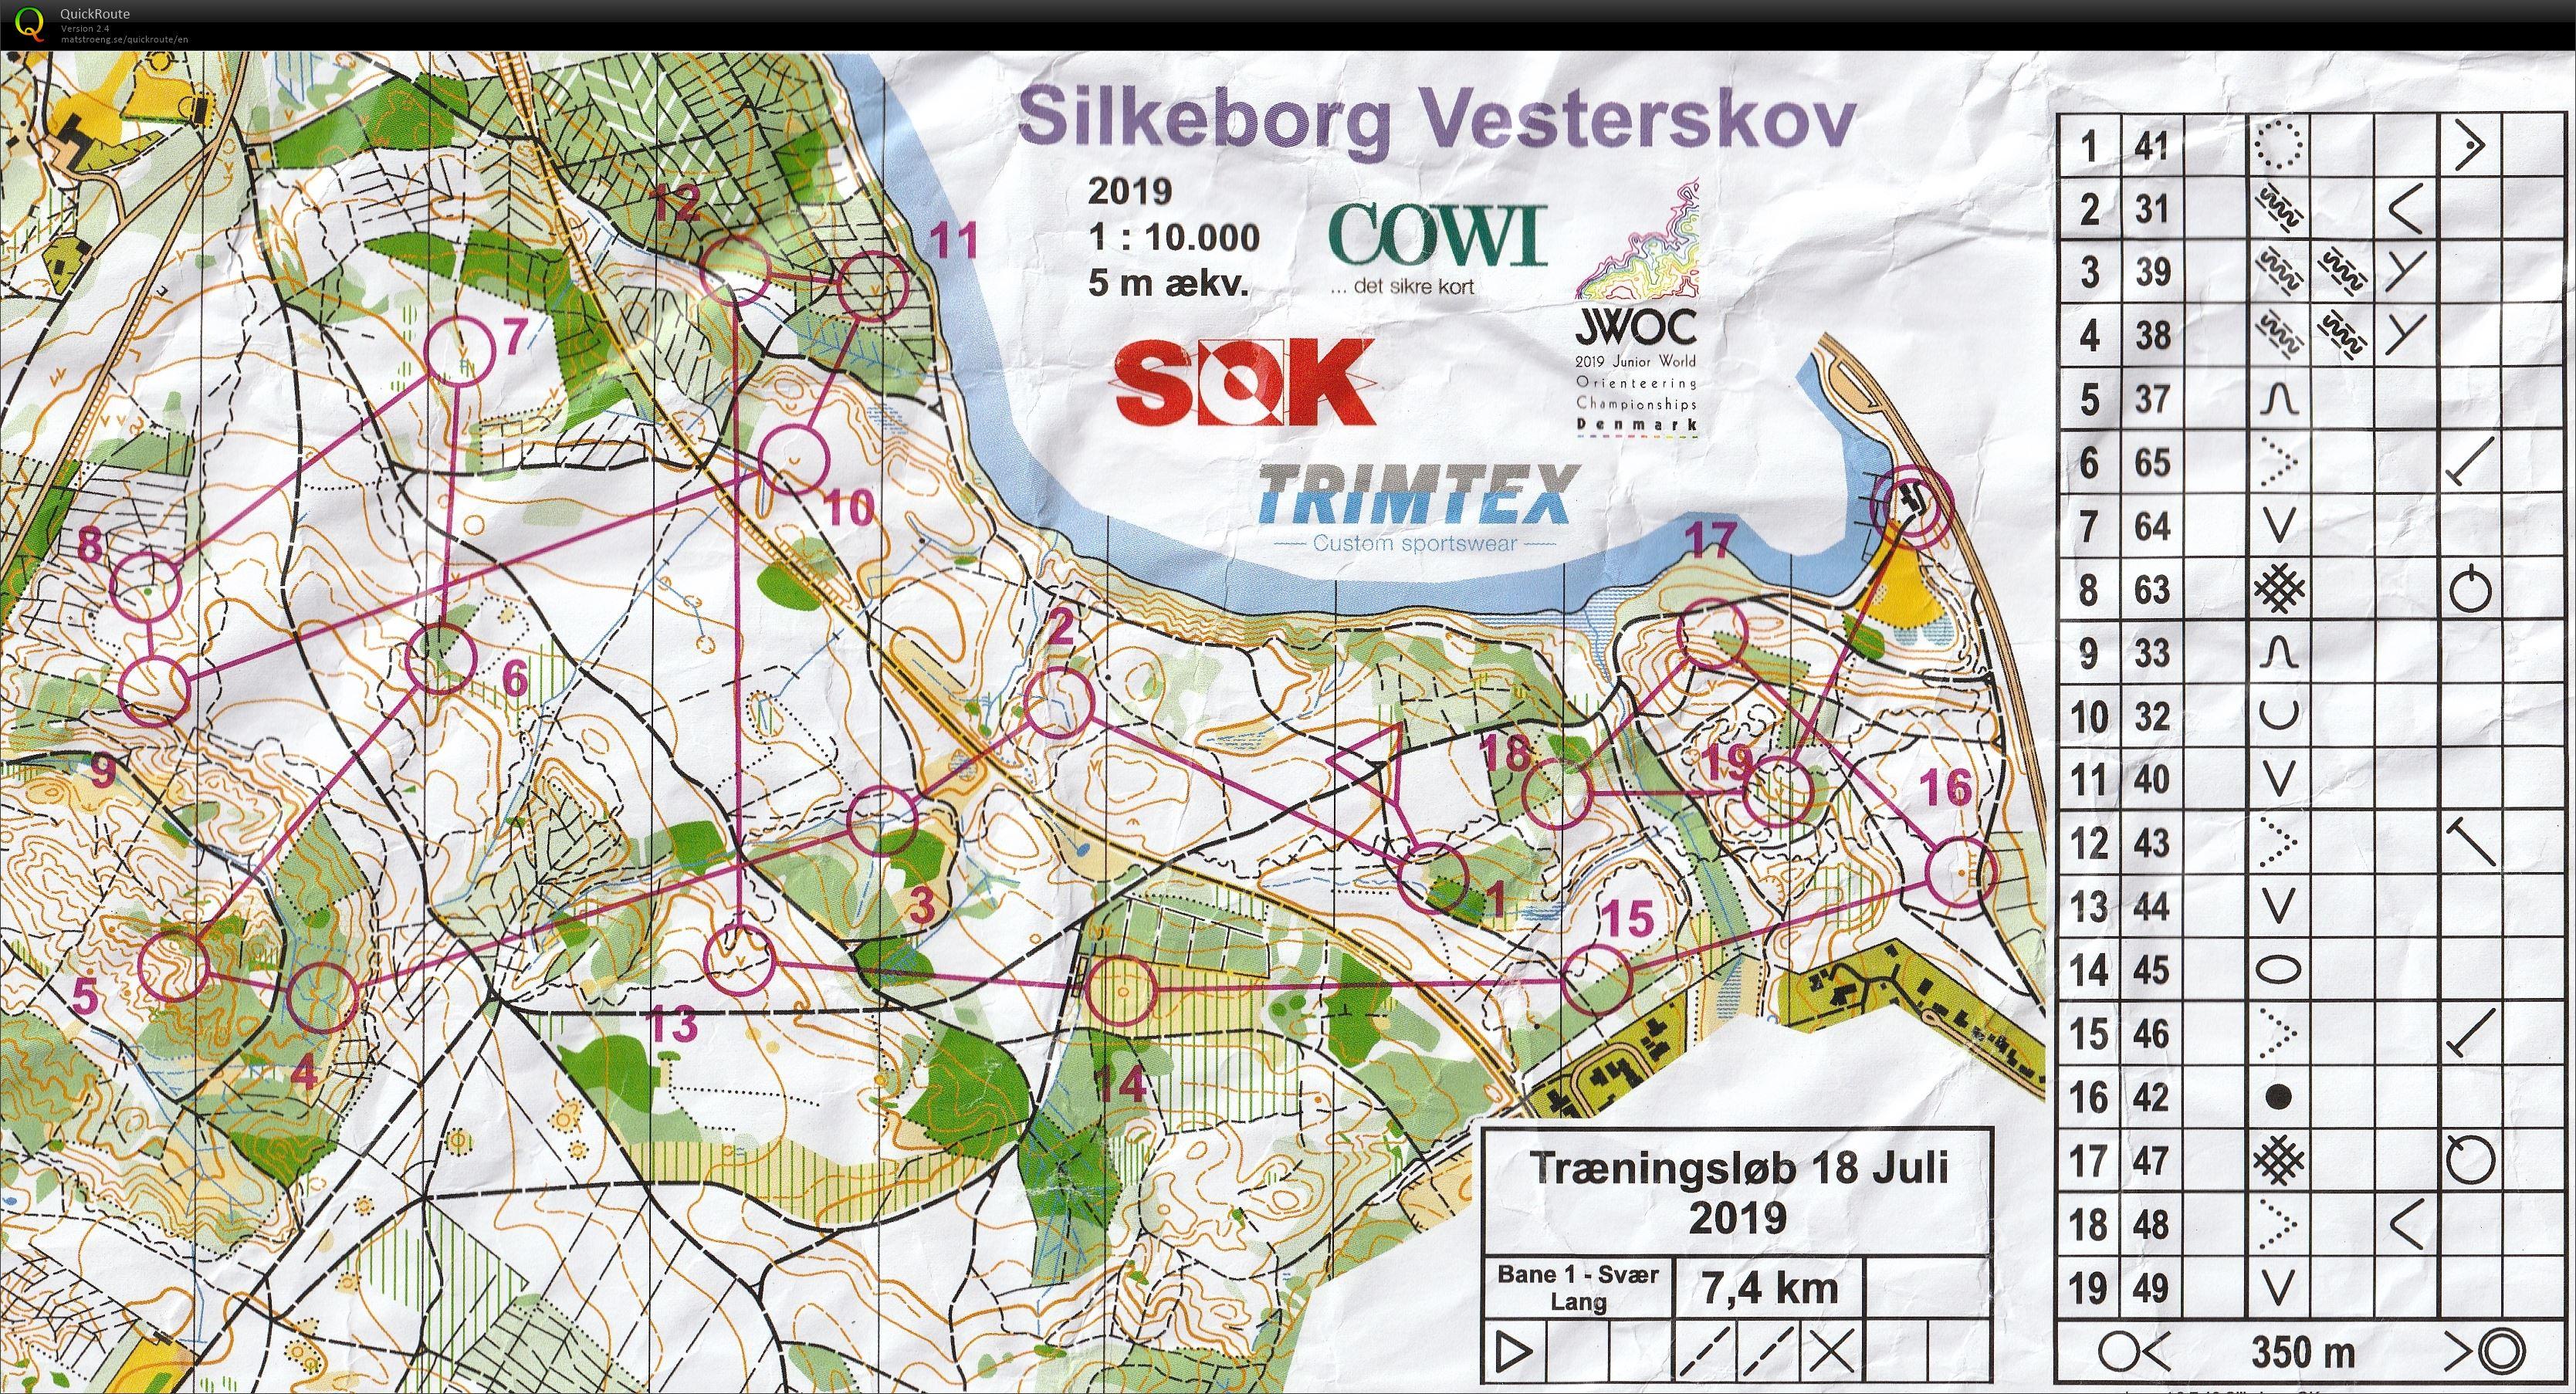 Silkeborg Vesterskov Bane 1 July 18th 2019 Orienteering Map